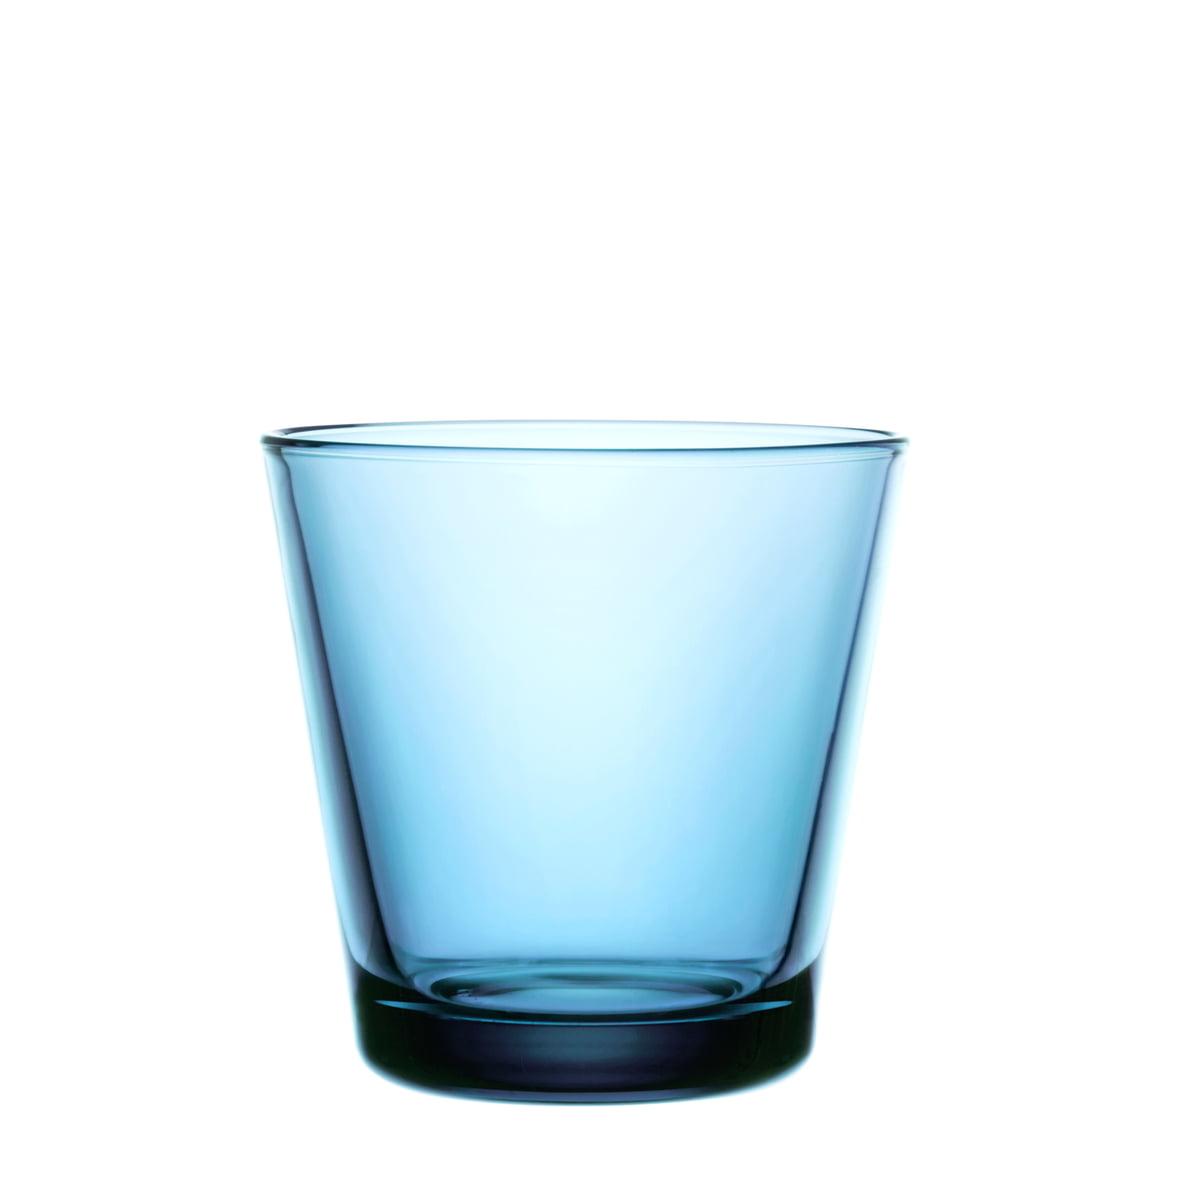 Iittala - Kartio Trinkglas 21 cl, hellblau | Küche und Esszimmer > Besteck und Geschirr > Gläser | Iittala